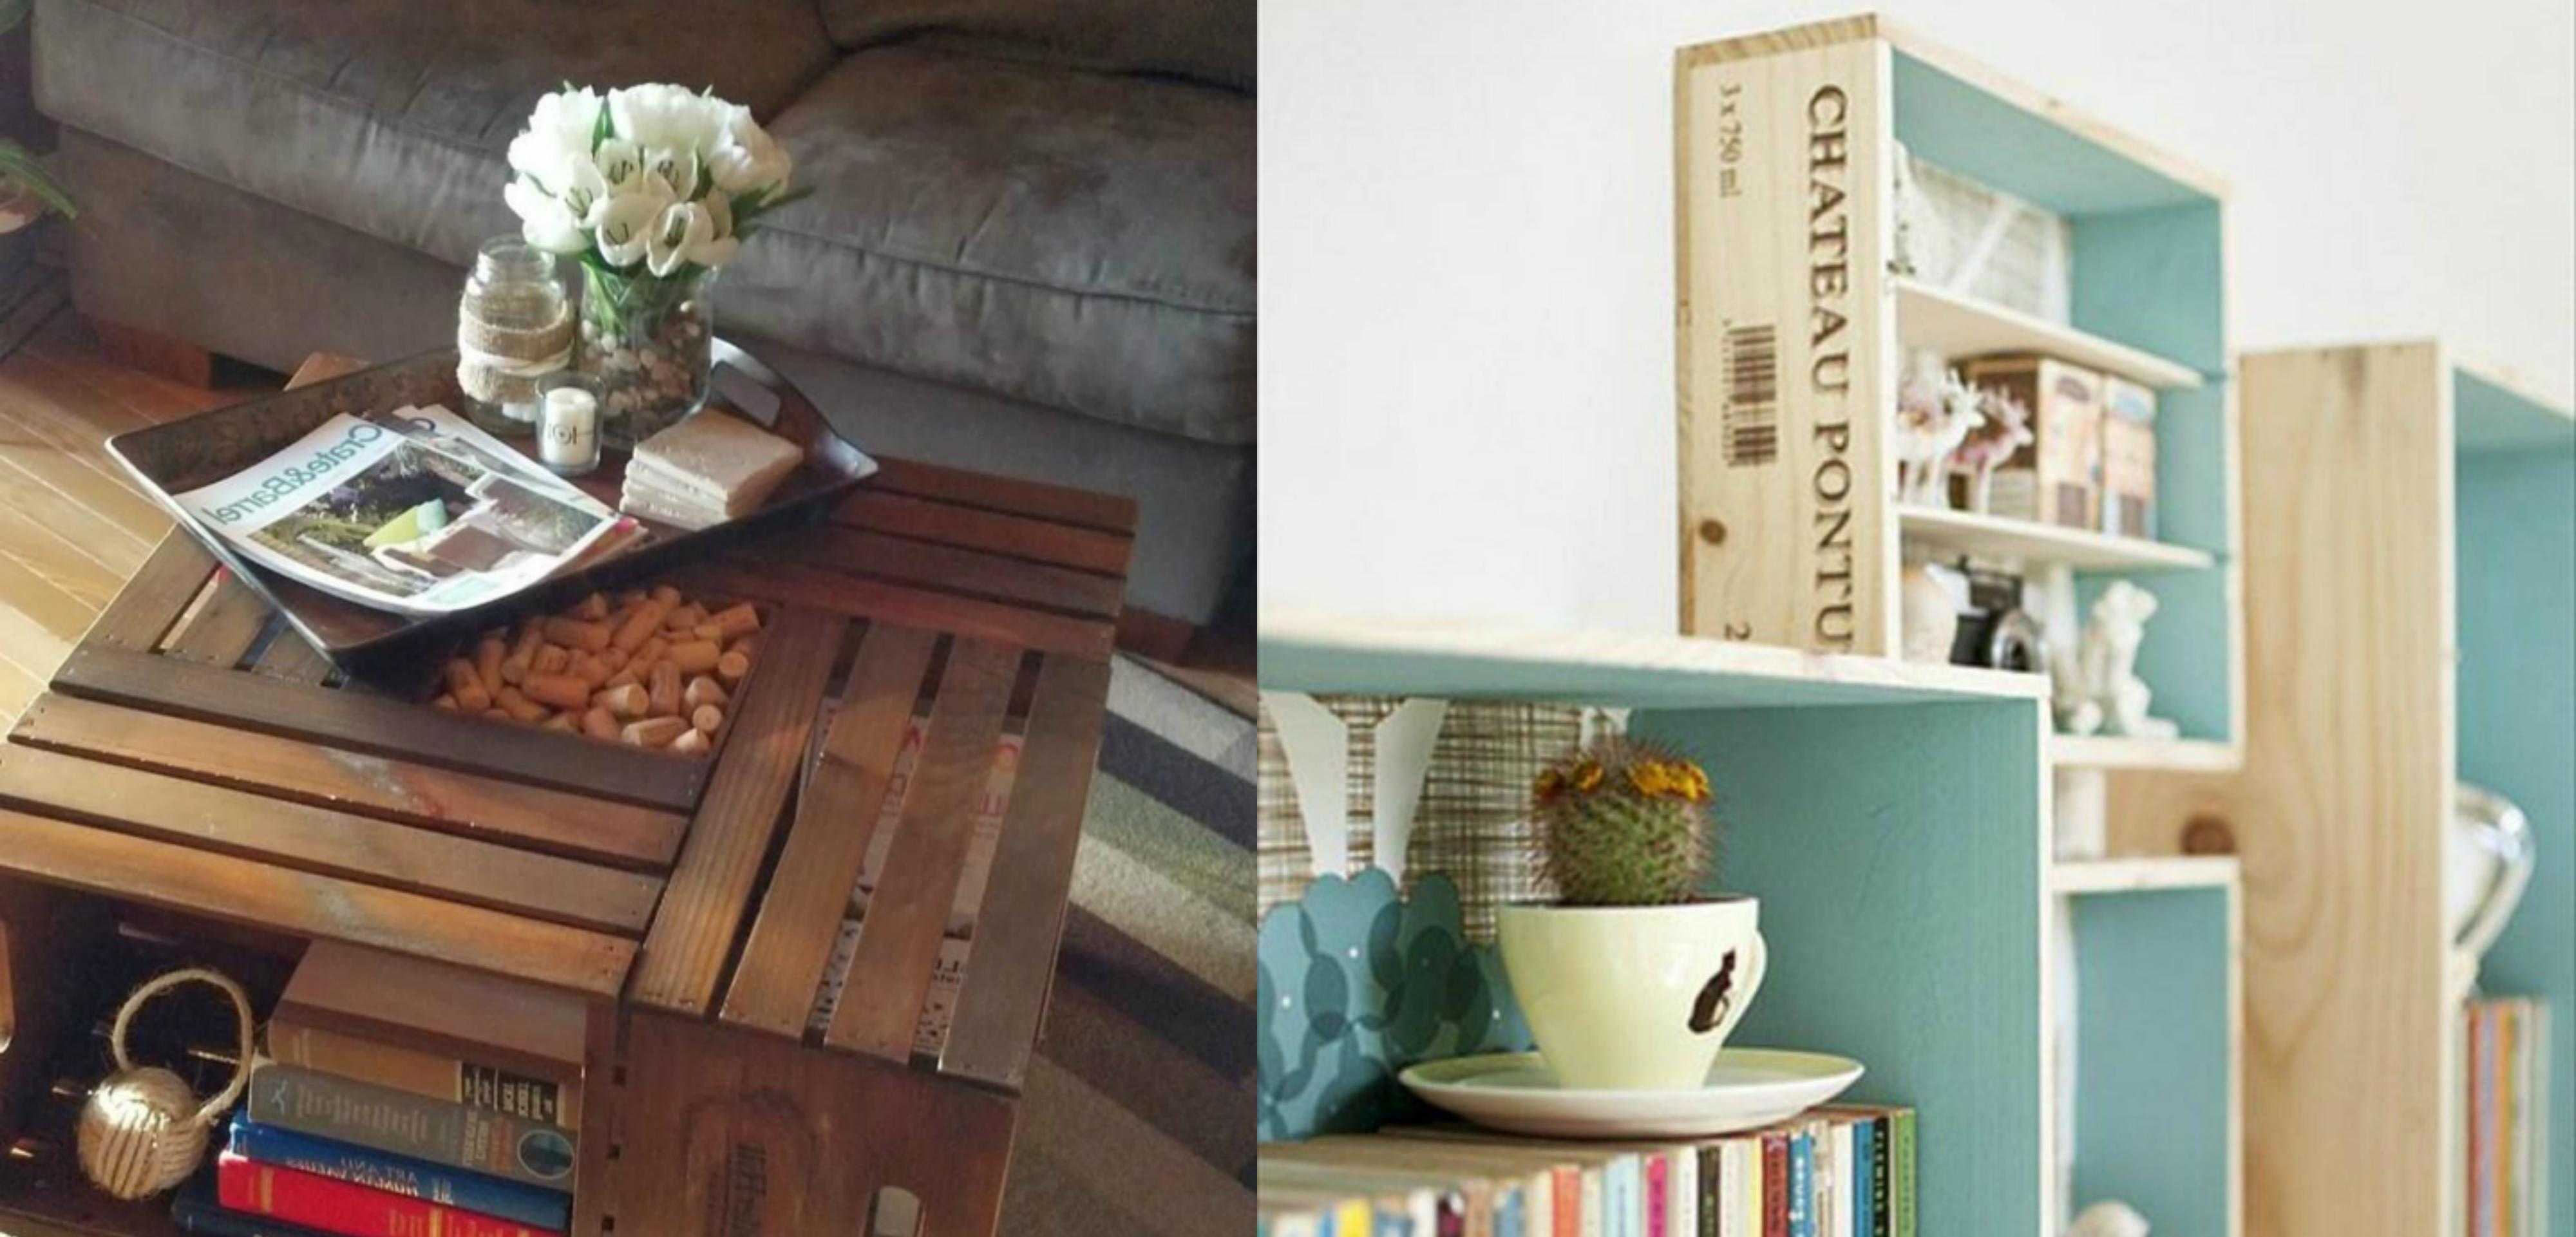 mesa y estantería hechos de cajas de fruta, como decorar cajas de madera, ideas inspiradoras para decorar el hogar